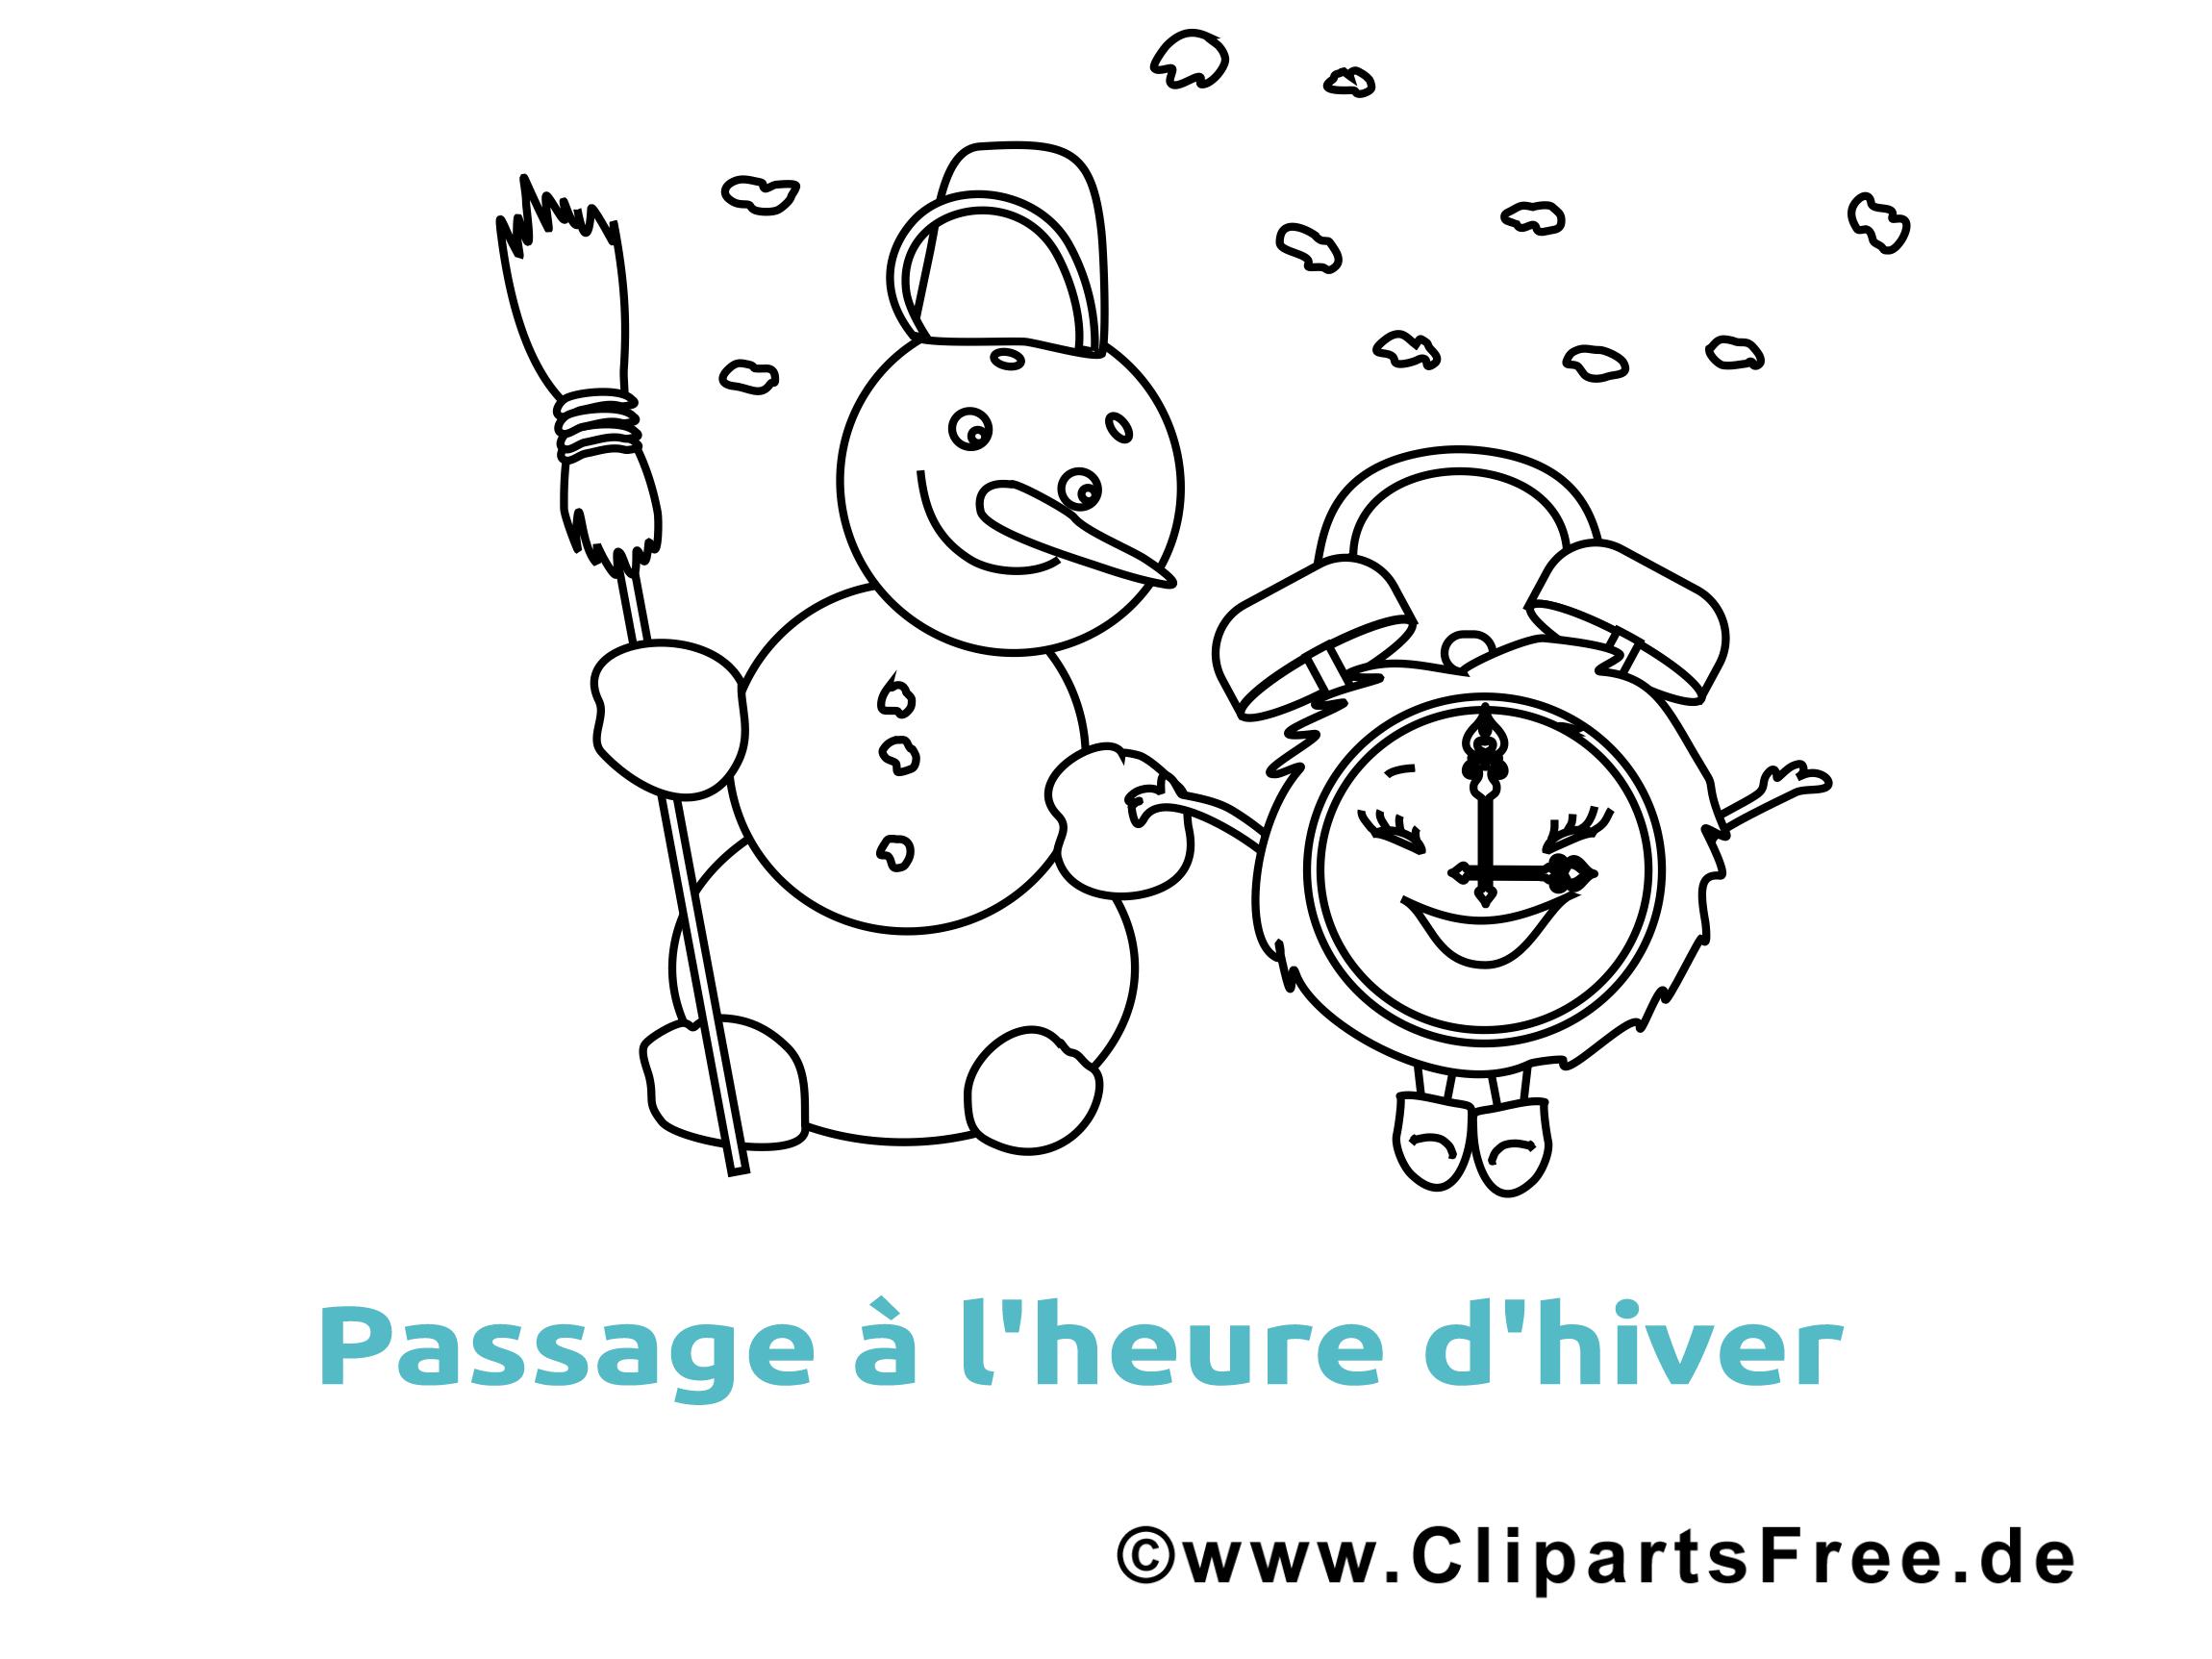 Coloriage bonhomme de neige image gratuite